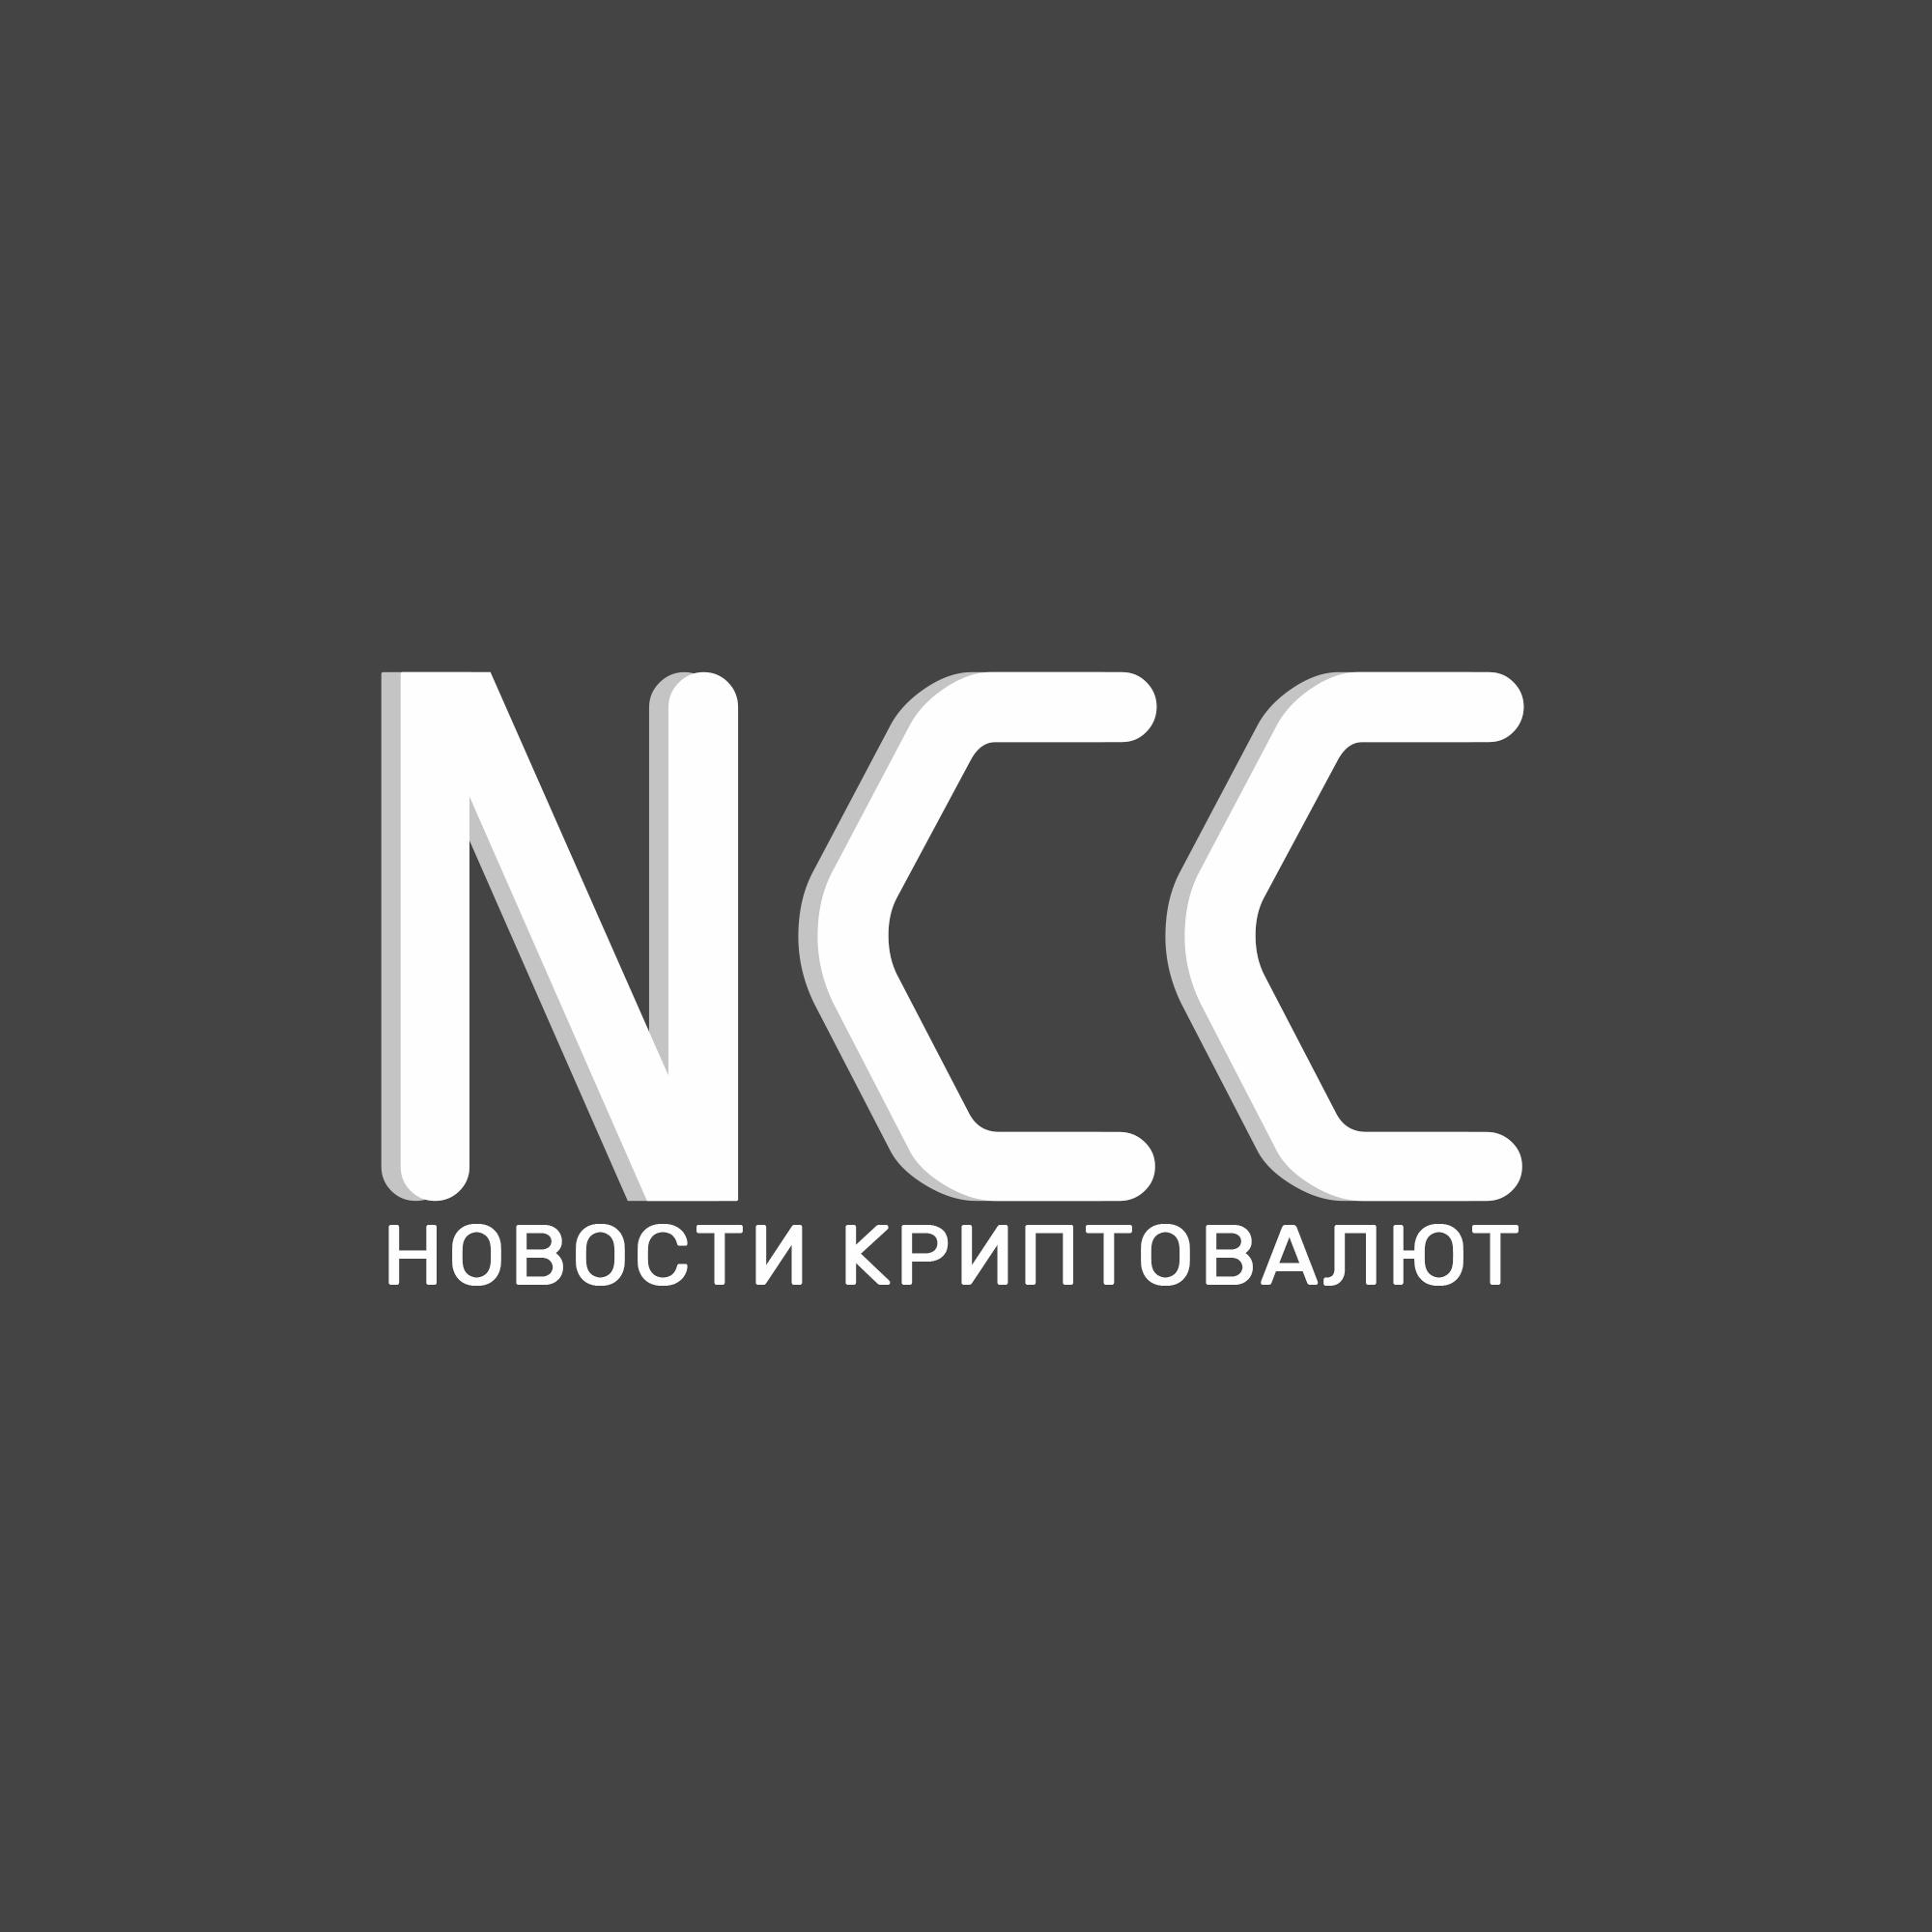 Новости криптовалют - cover